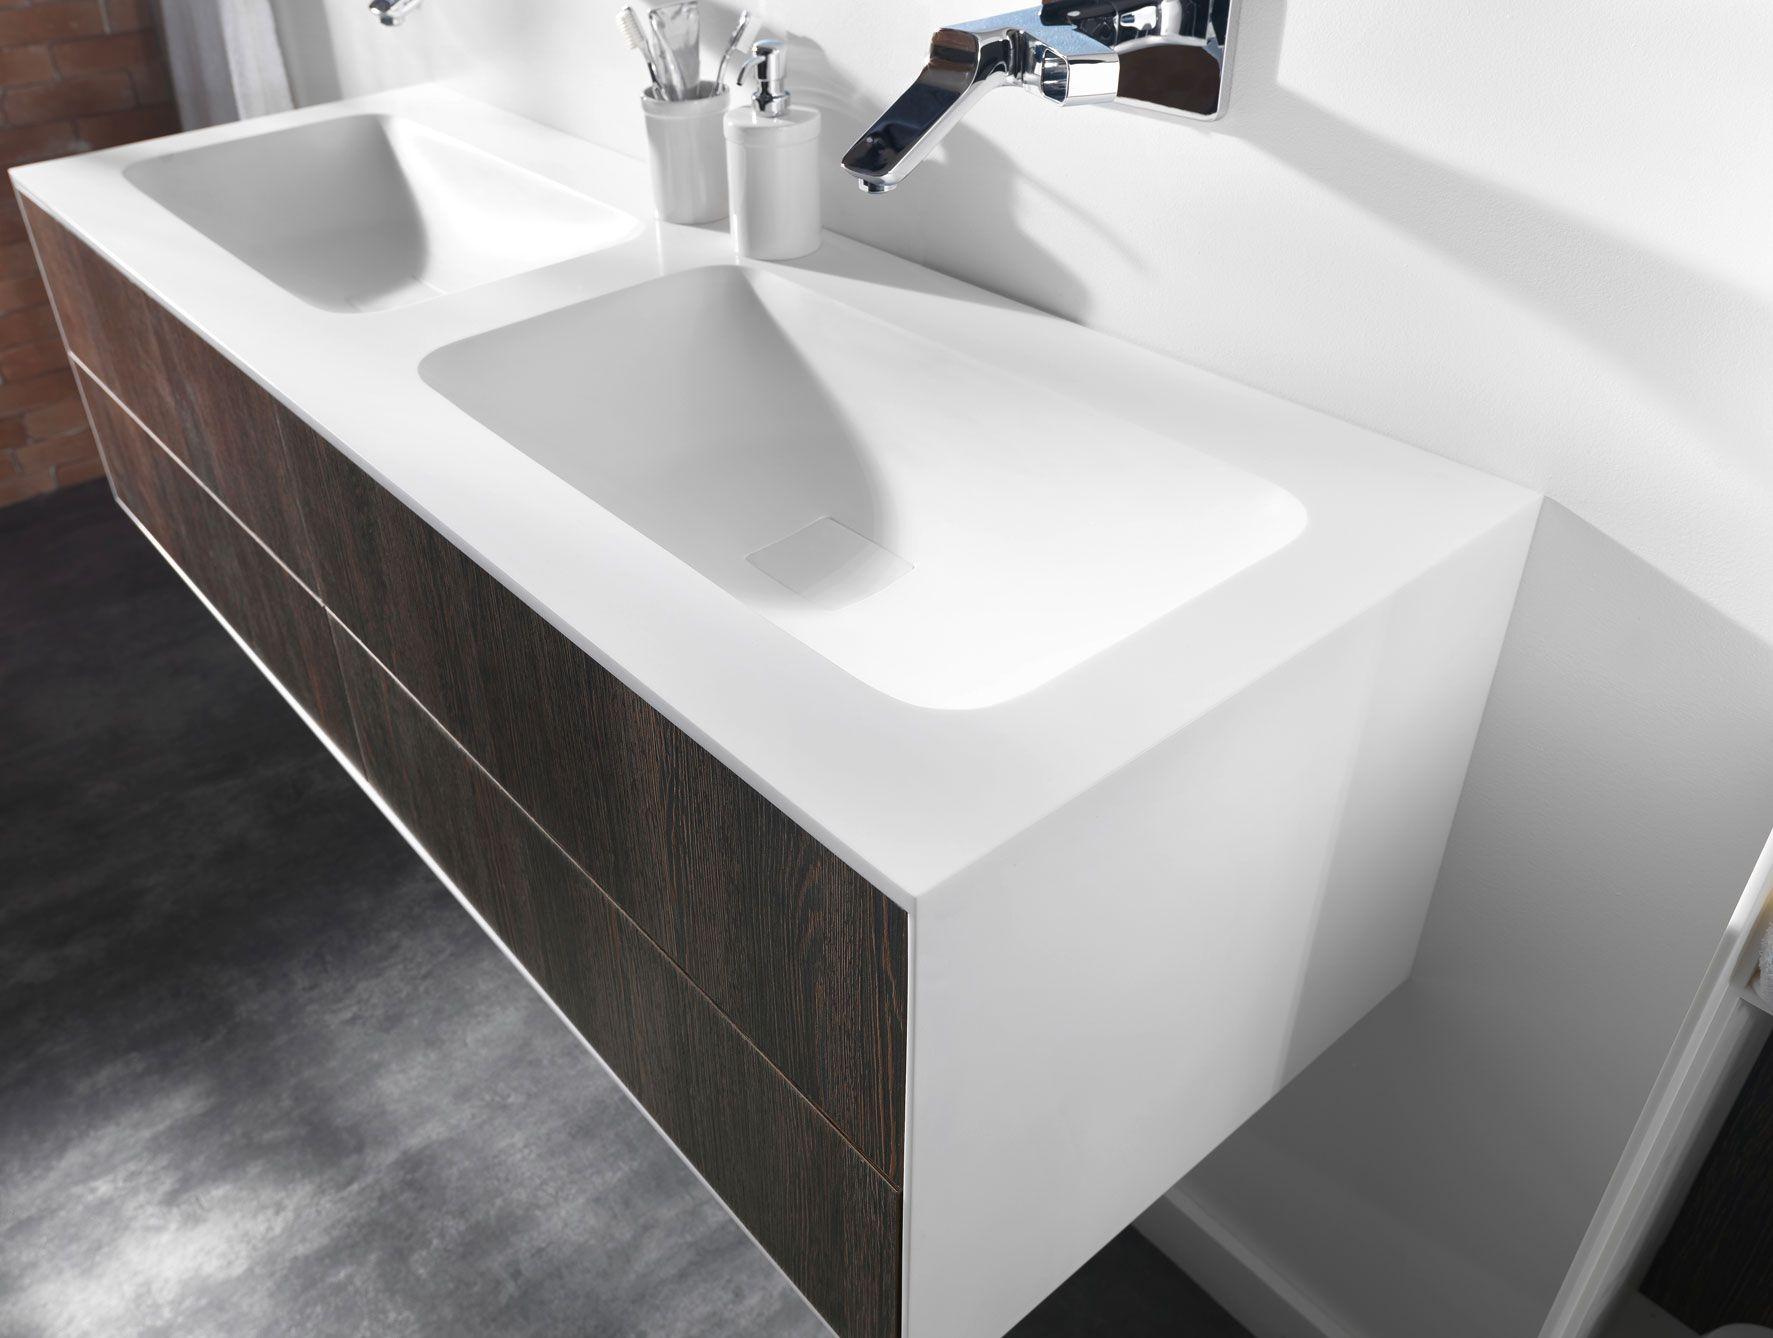 Ambiance Bain Kito1411 Sink Home Decor Decor